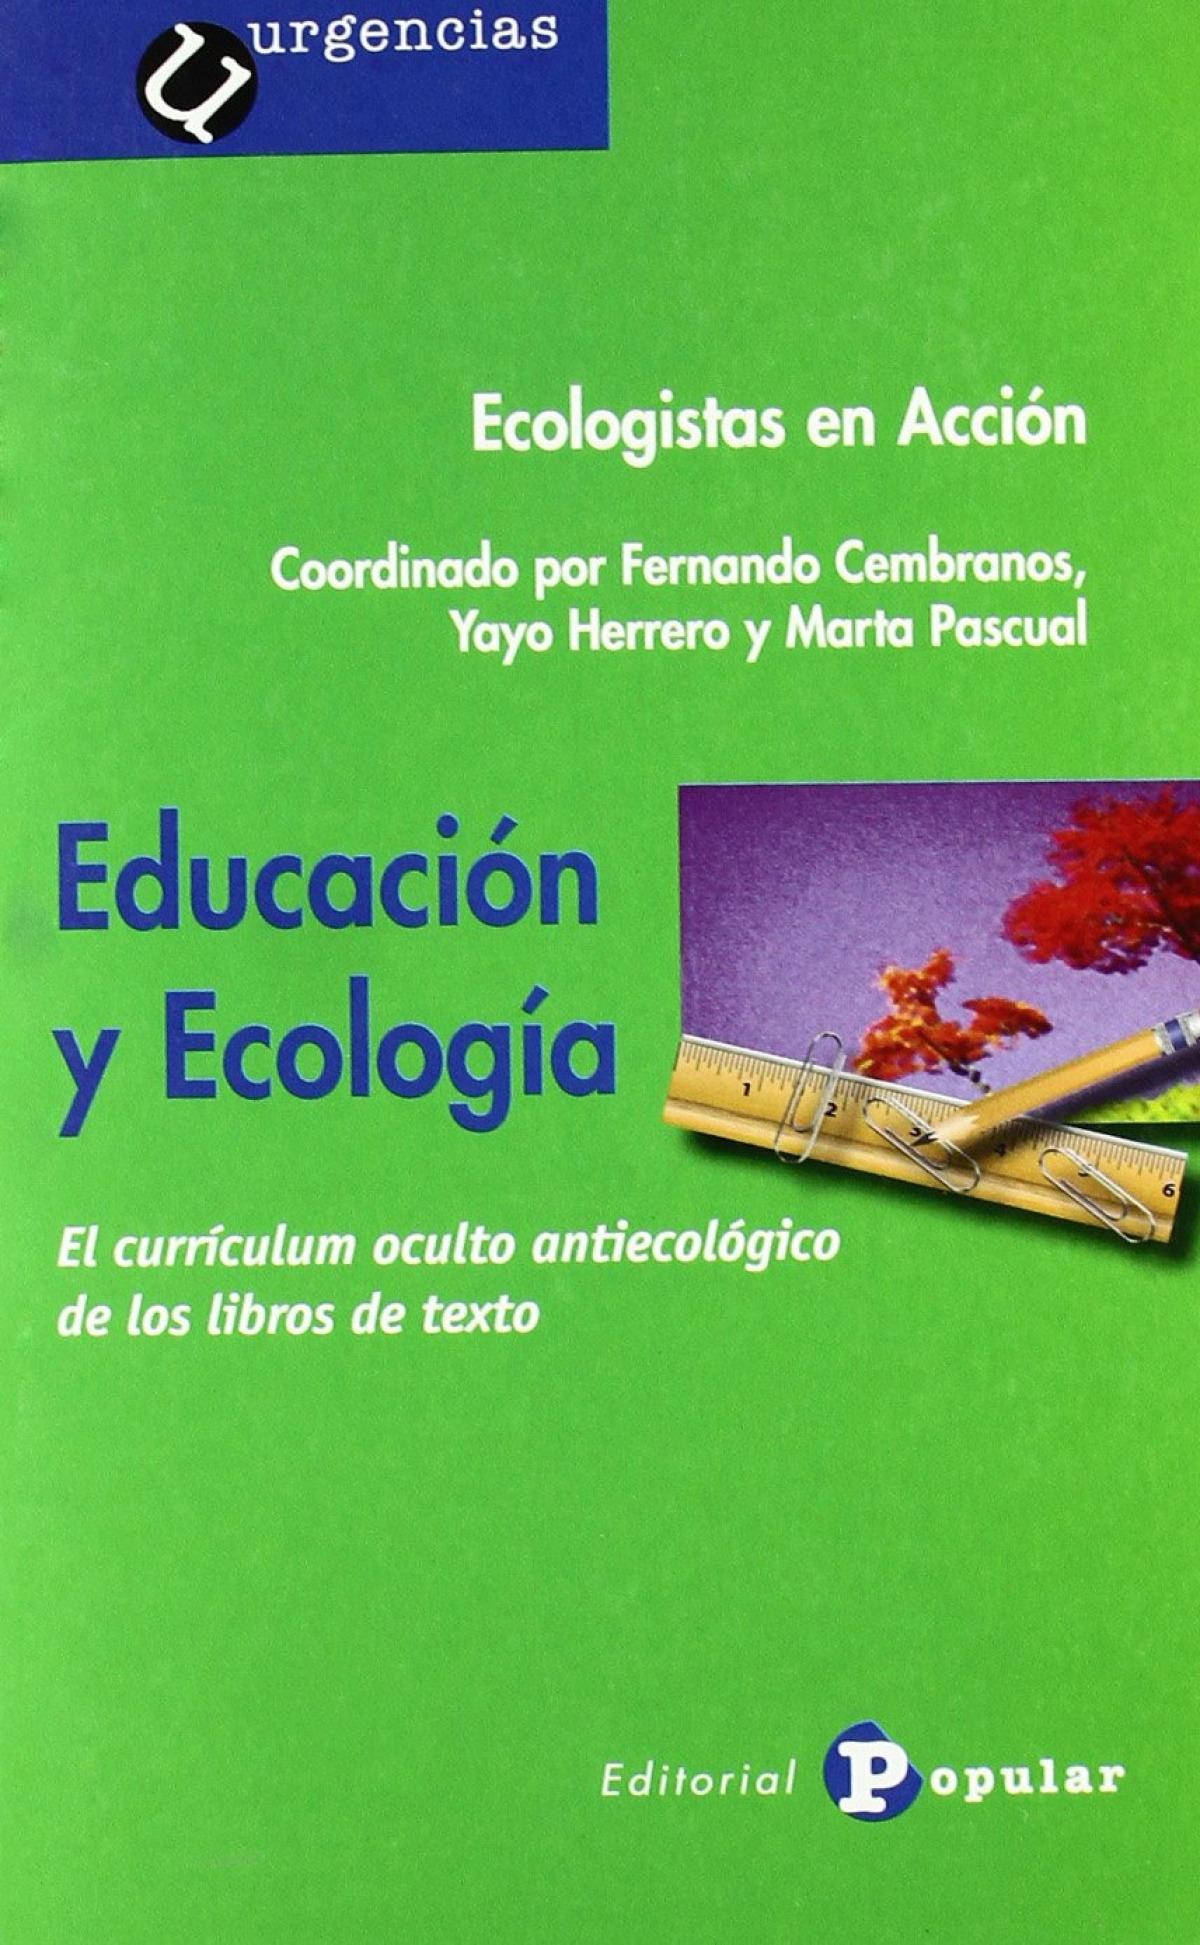 Educación y ecología